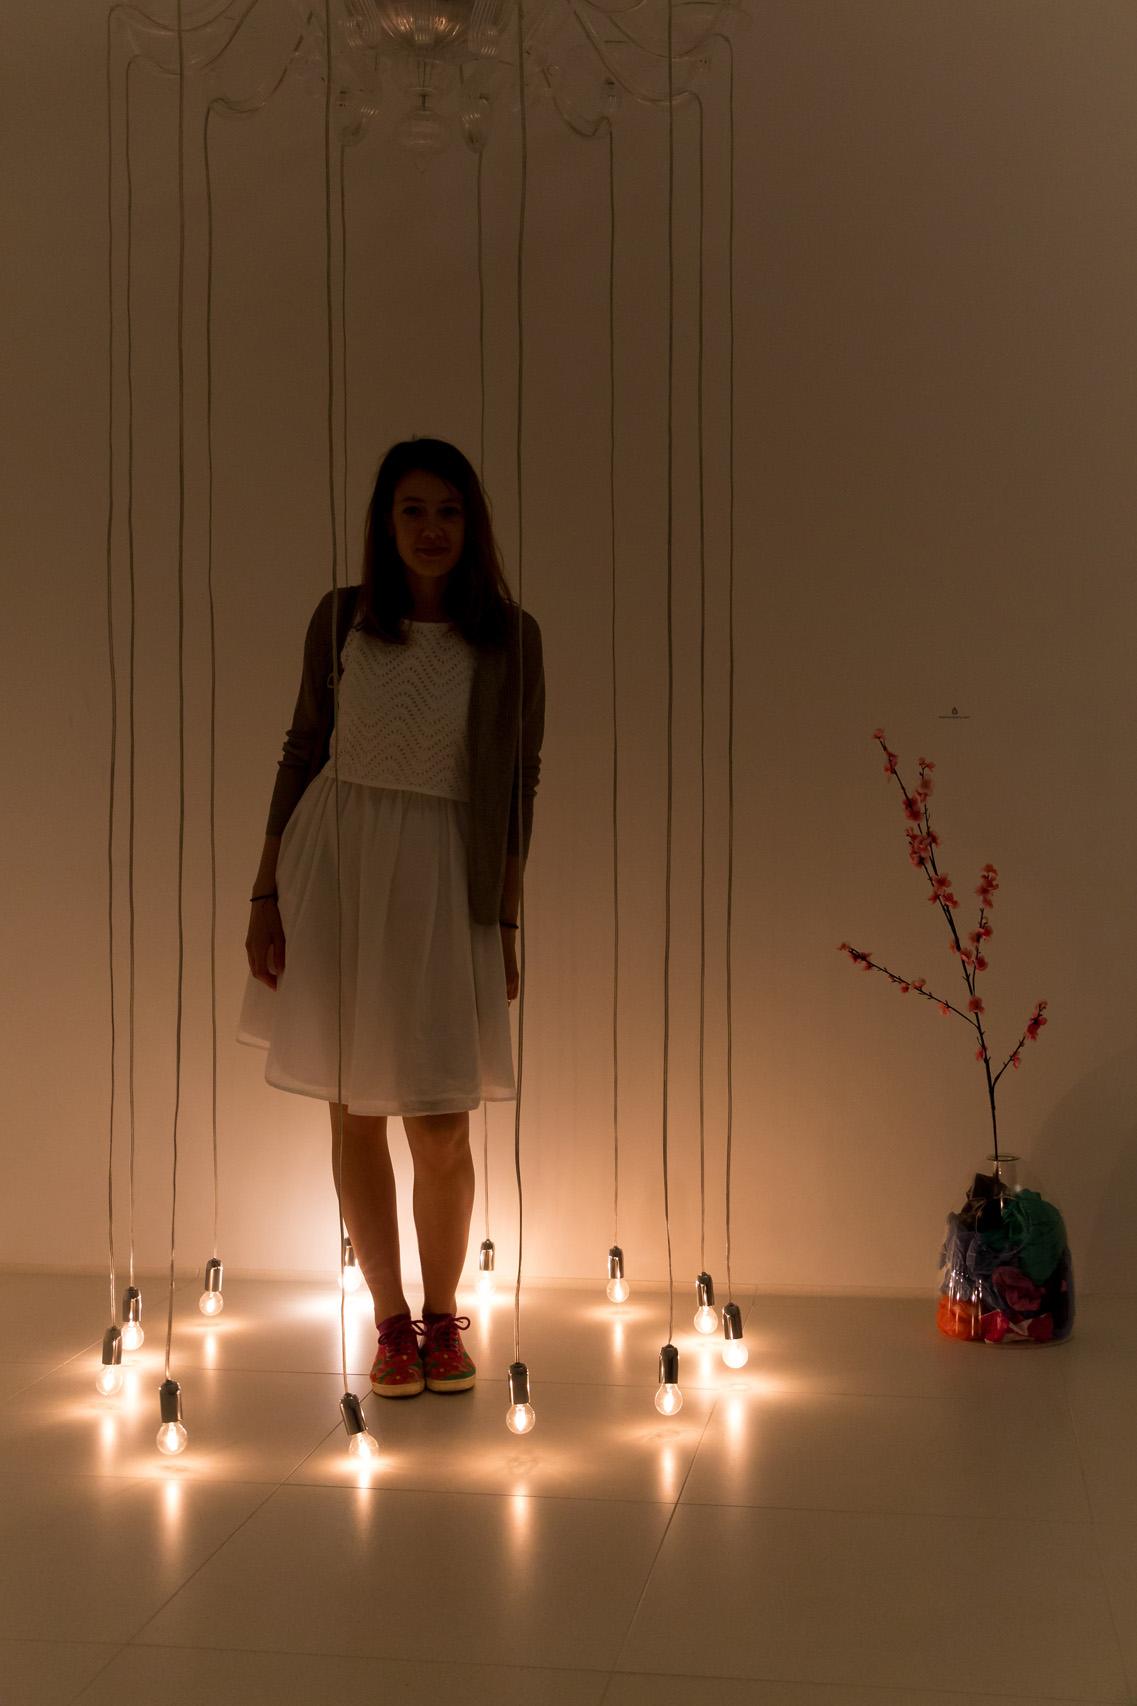 Triennale in Milan